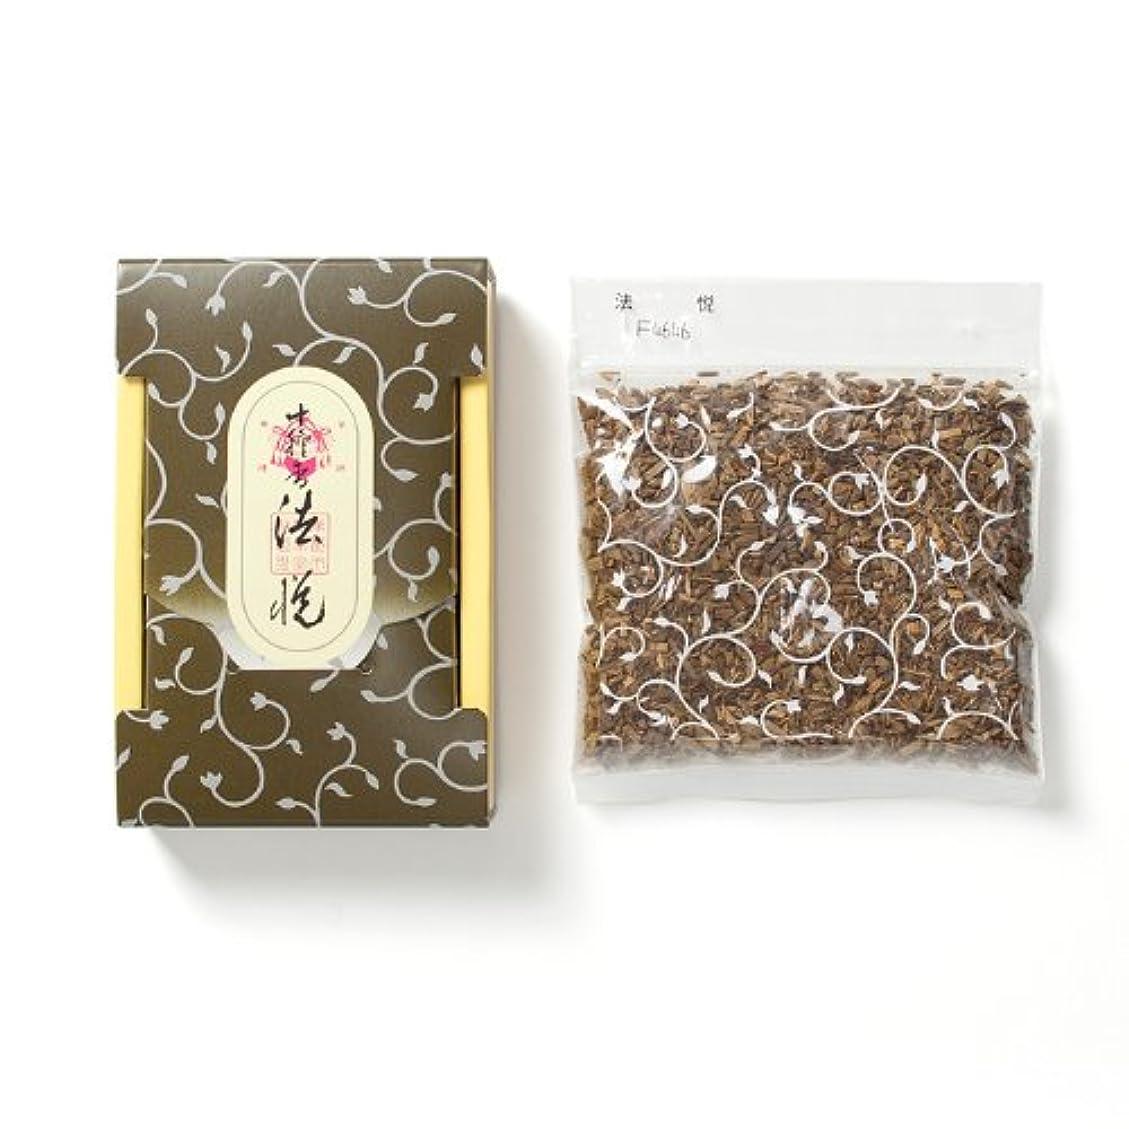 架空のリー口実松栄堂のお焼香 十種香 法悦 25g詰 小箱入 #411041